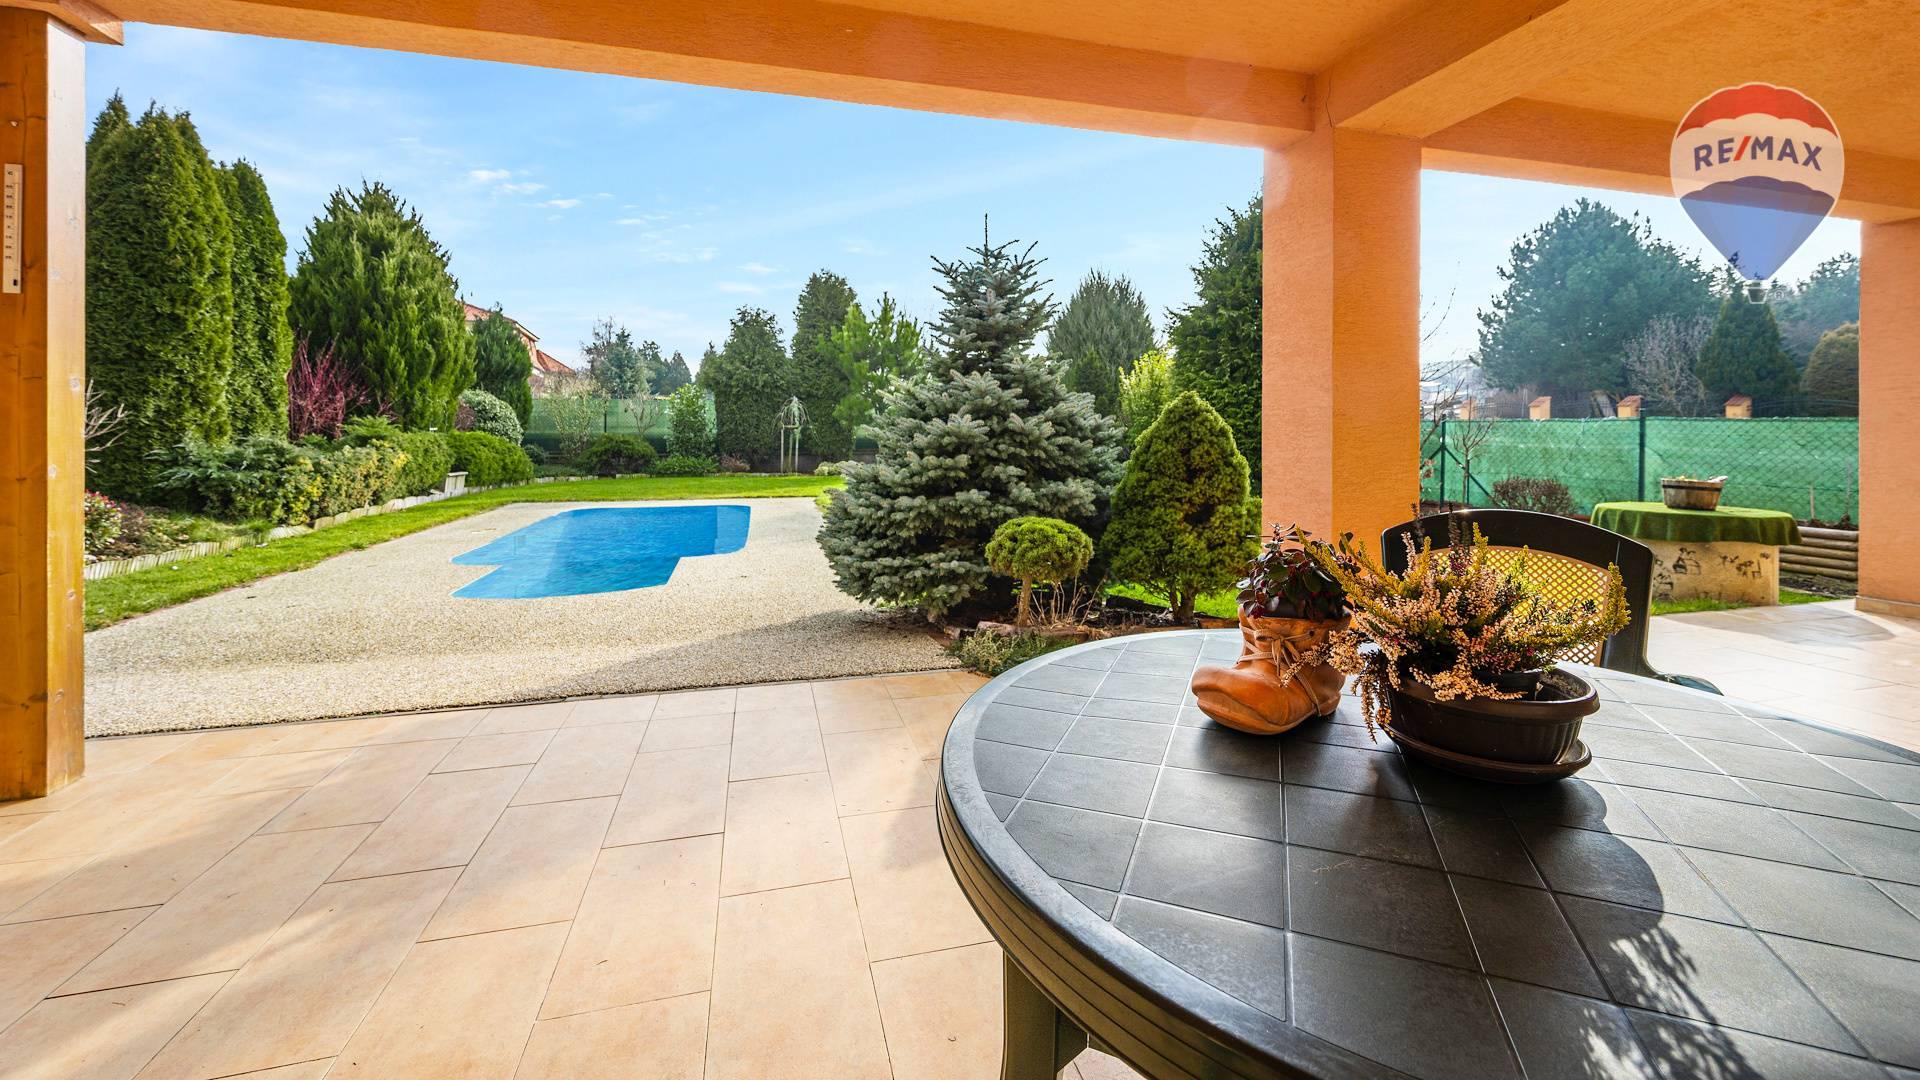 Predaj domu 207 m2, Nitra - terasa